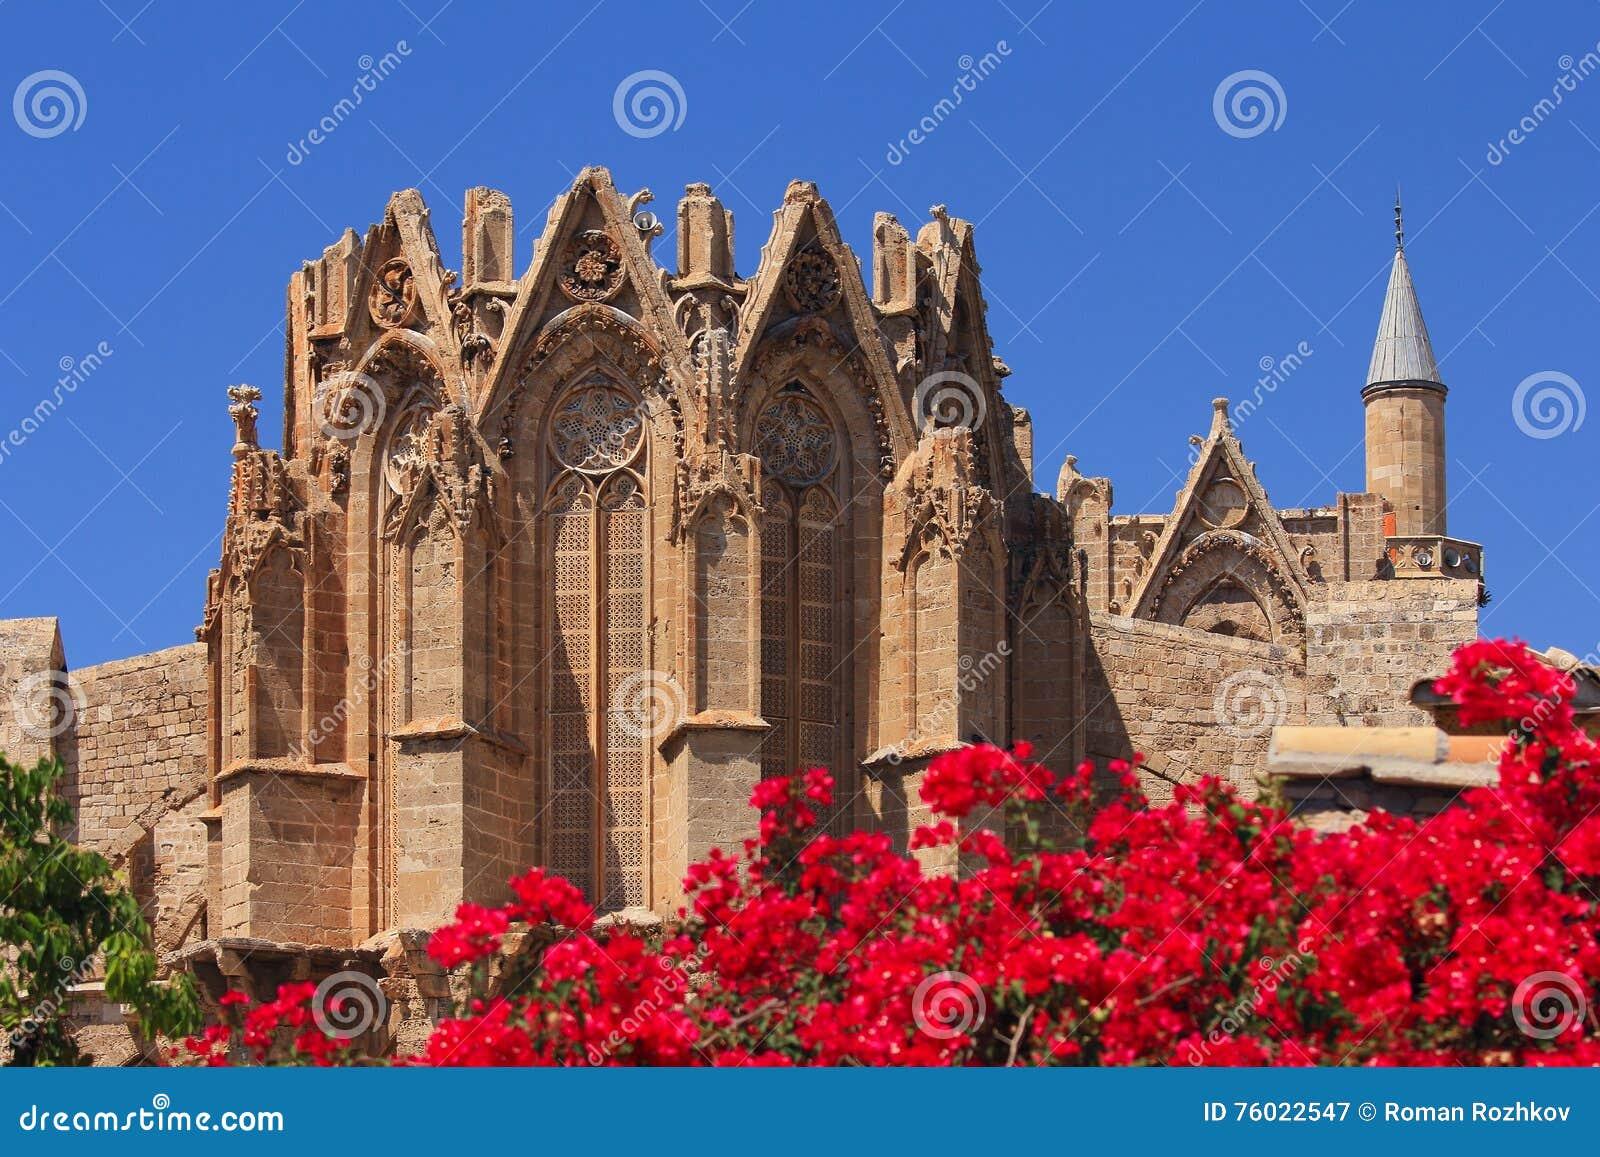 圣尼古拉斯大教堂(Lala穆斯塔法清真寺) 法马古斯塔,塞浦路斯